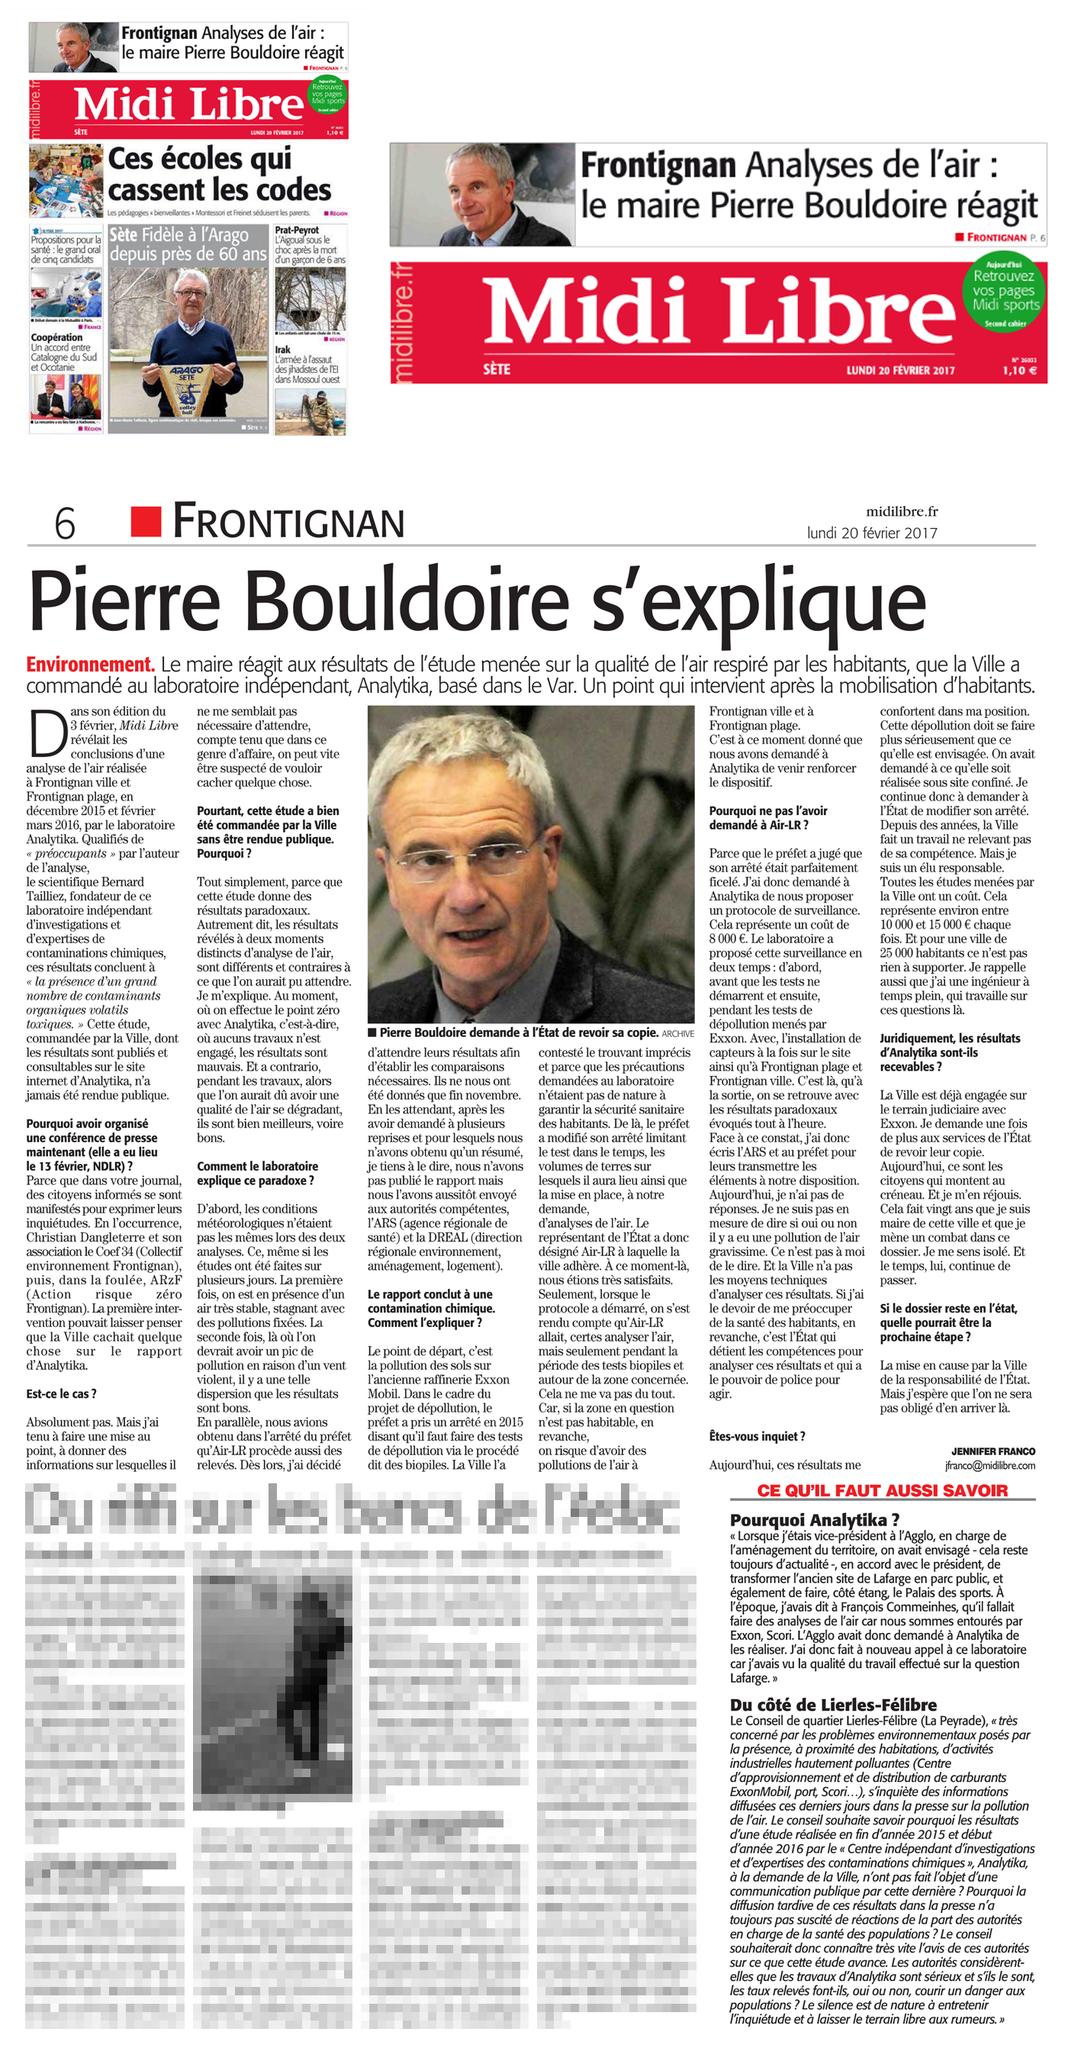 """20.02.2017 > MIDI-LIBRE : """"Frontignan : Analyses de l'air, le maire Pierre Bouldoire réagit"""""""